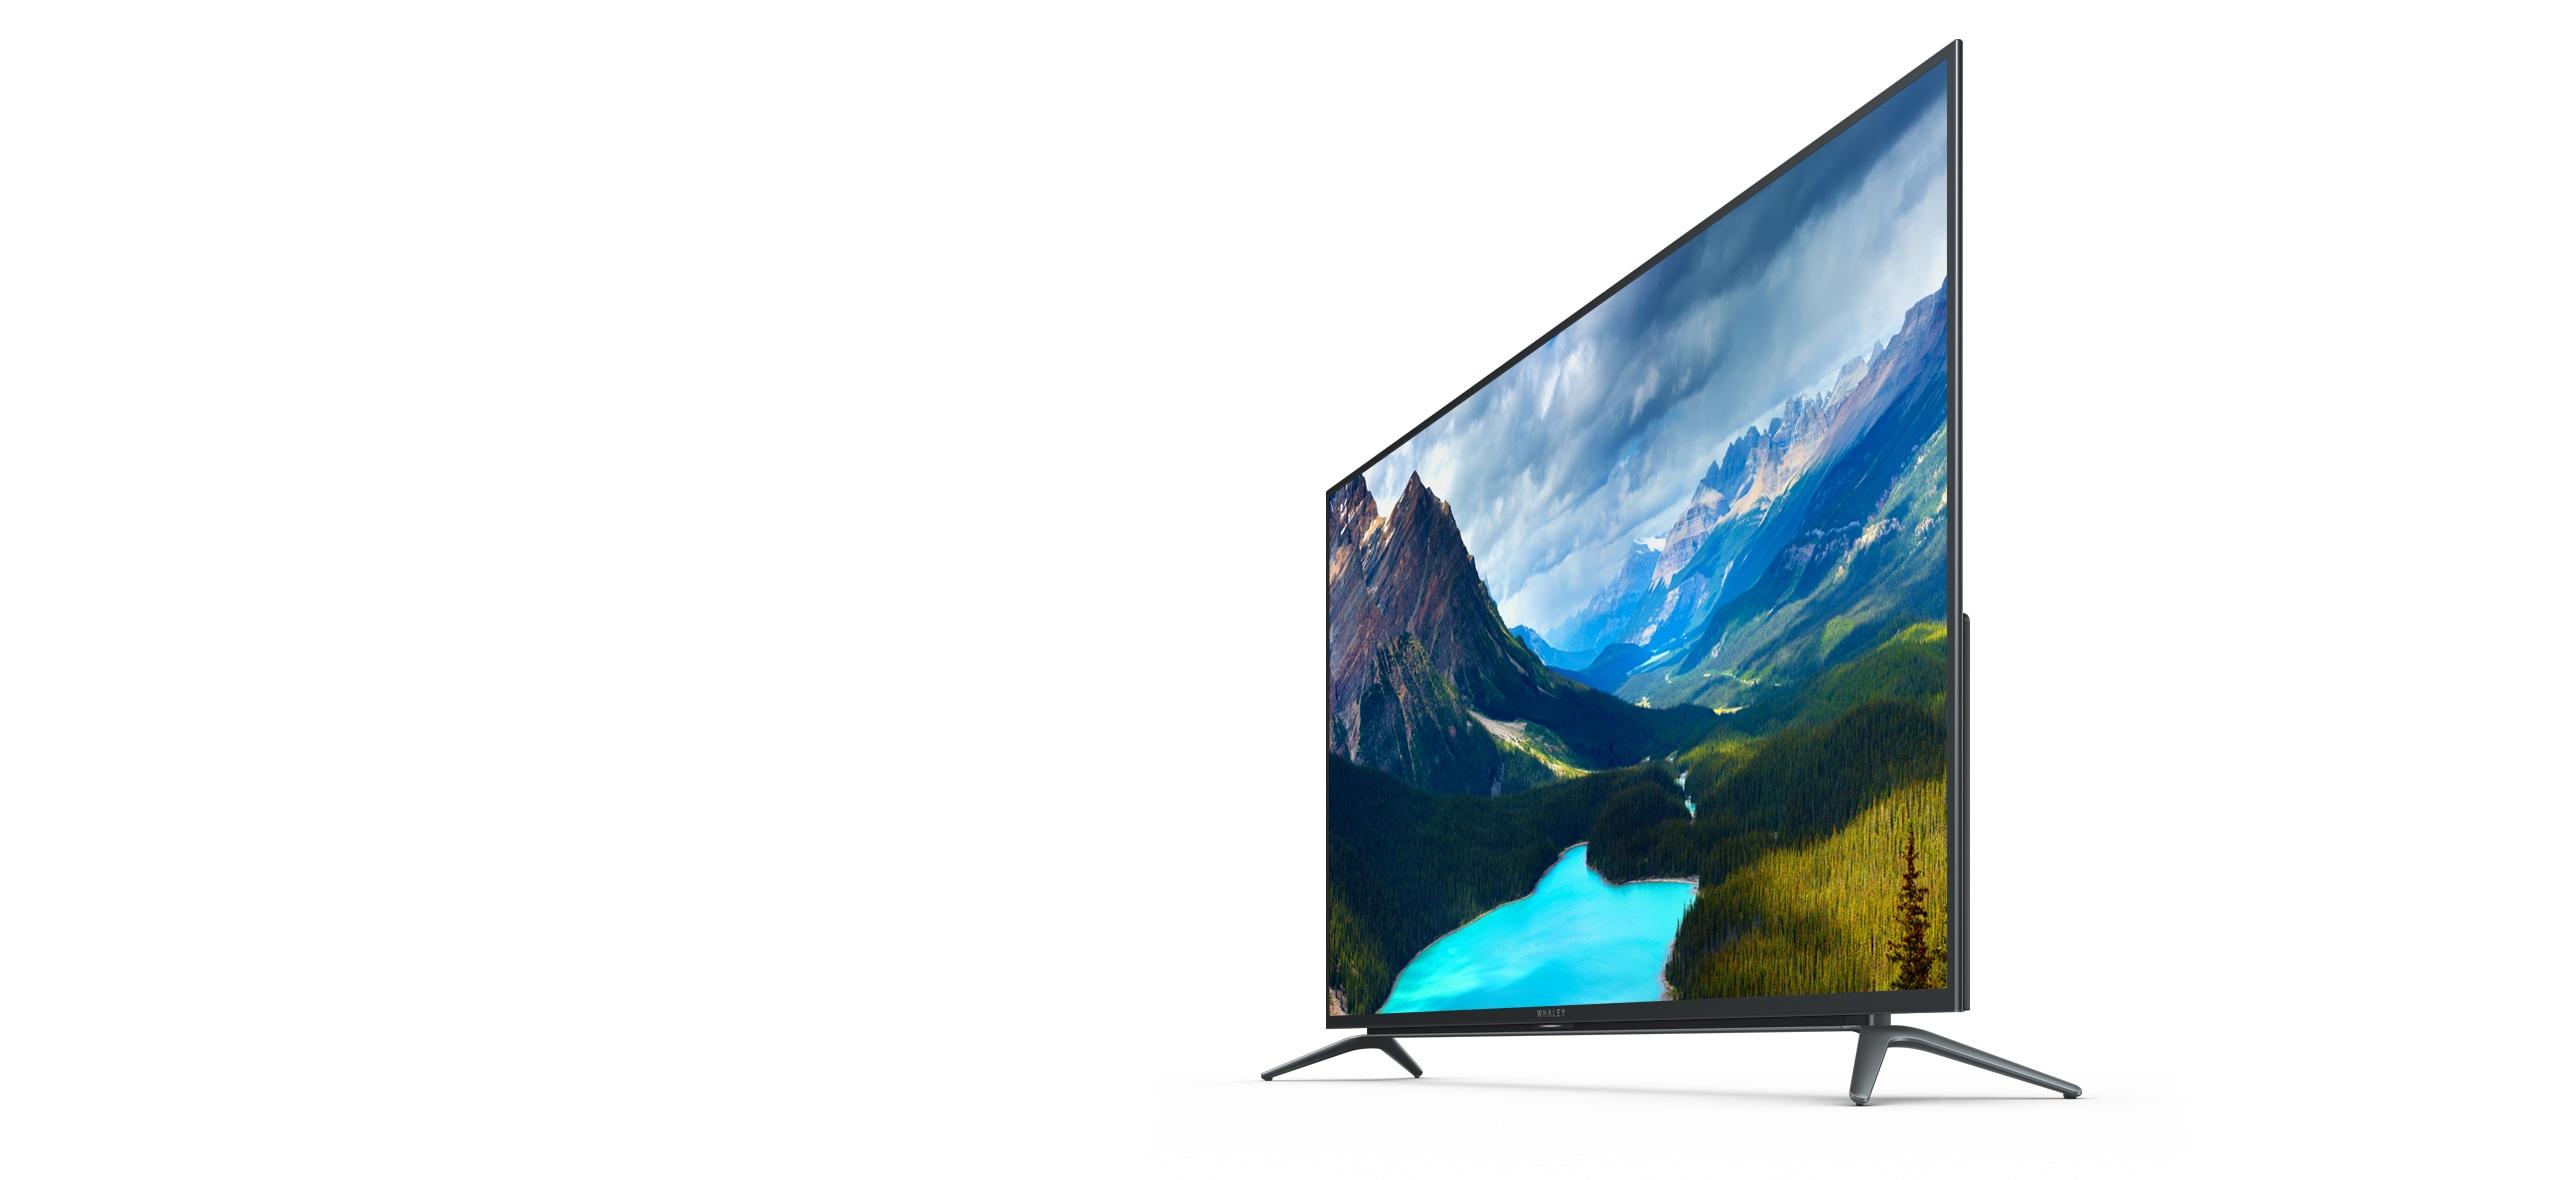 微鲸真4K曲面电视